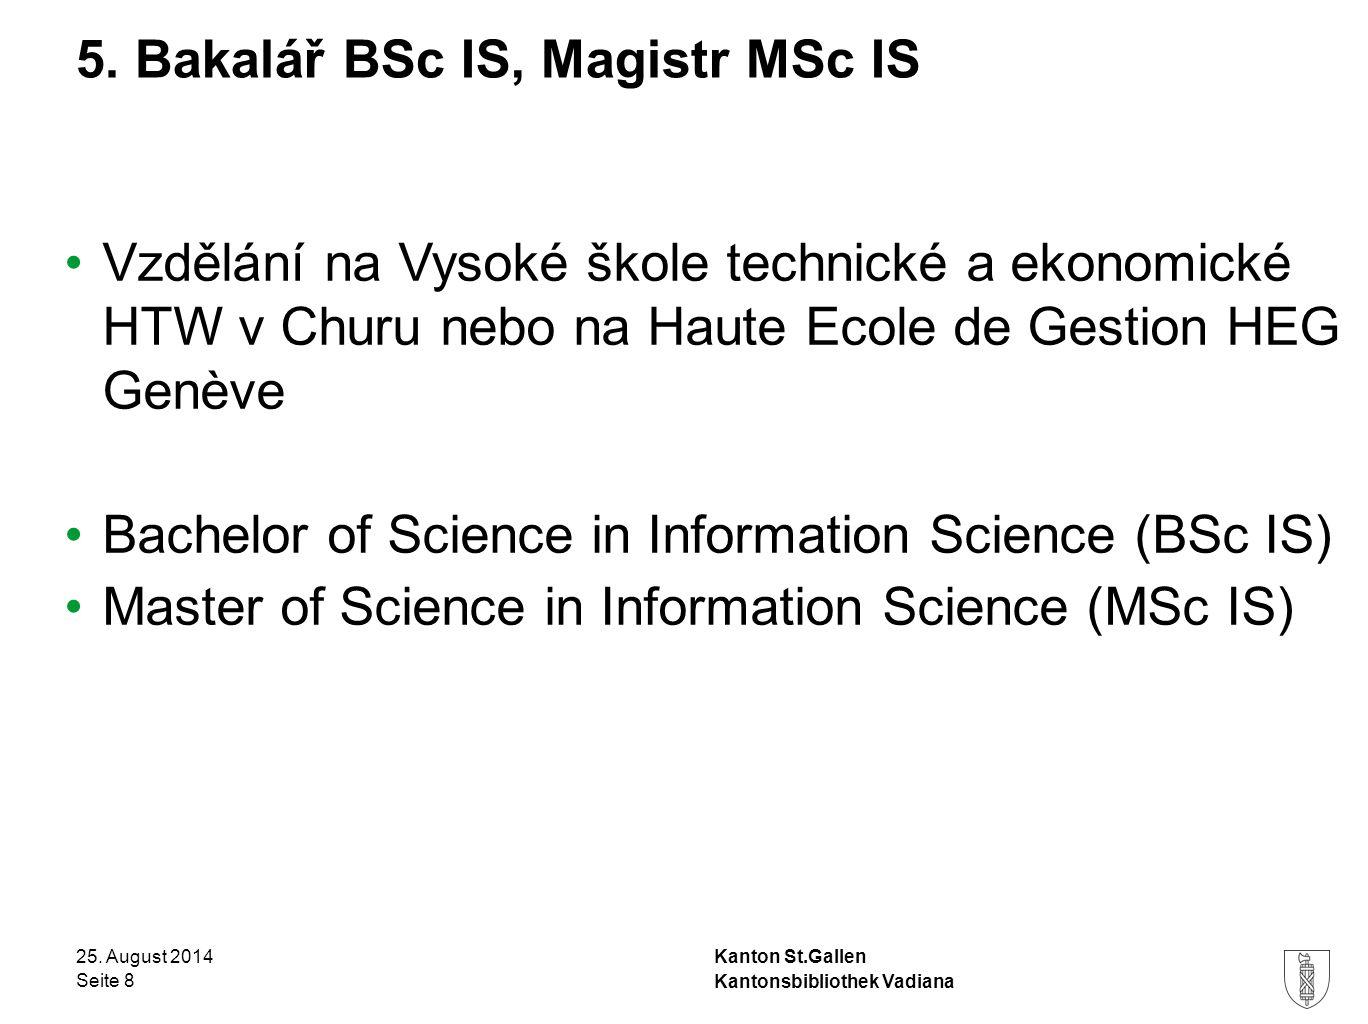 Kanton St.Gallen 5. Bakalář BSc IS, Magistr MSc IS 25.